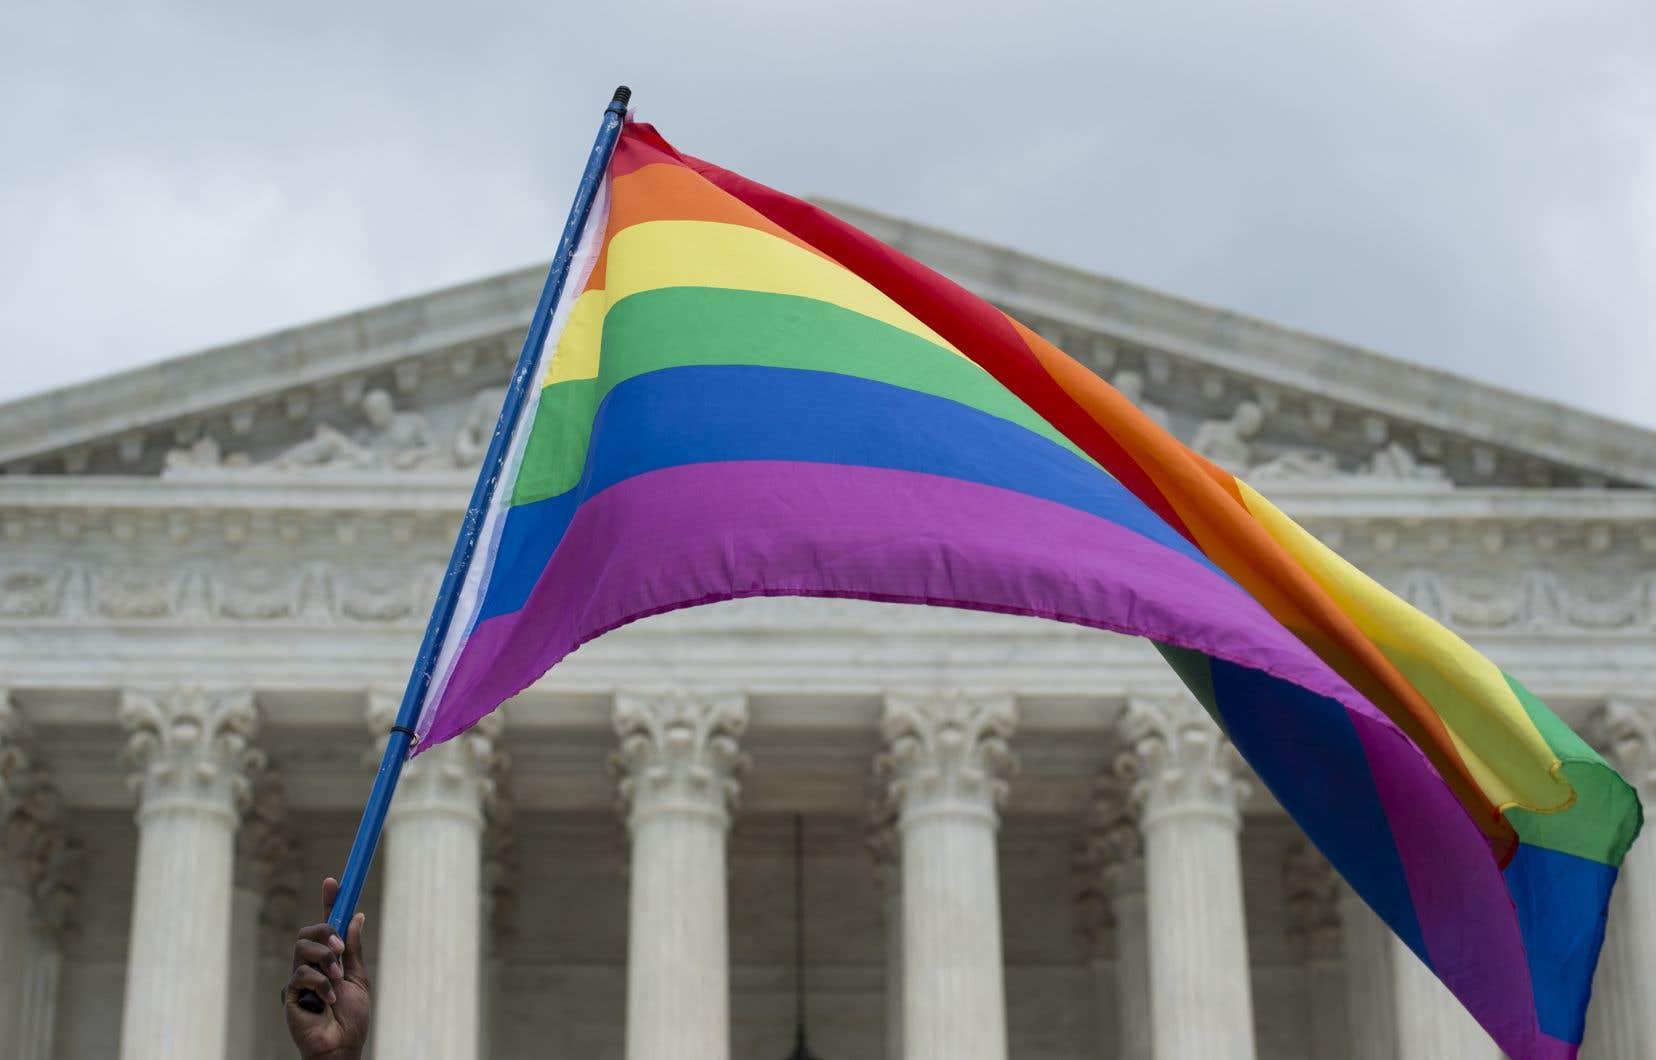 Le débat autour de grands principes protégés par la Constitution — liberté de croyance, égalité sexuelle et liberté d'expression — est appelé à se poursuivre, car de multiples tribunaux dans tous les États-Unis sont saisis de plaintes sur le sujet.